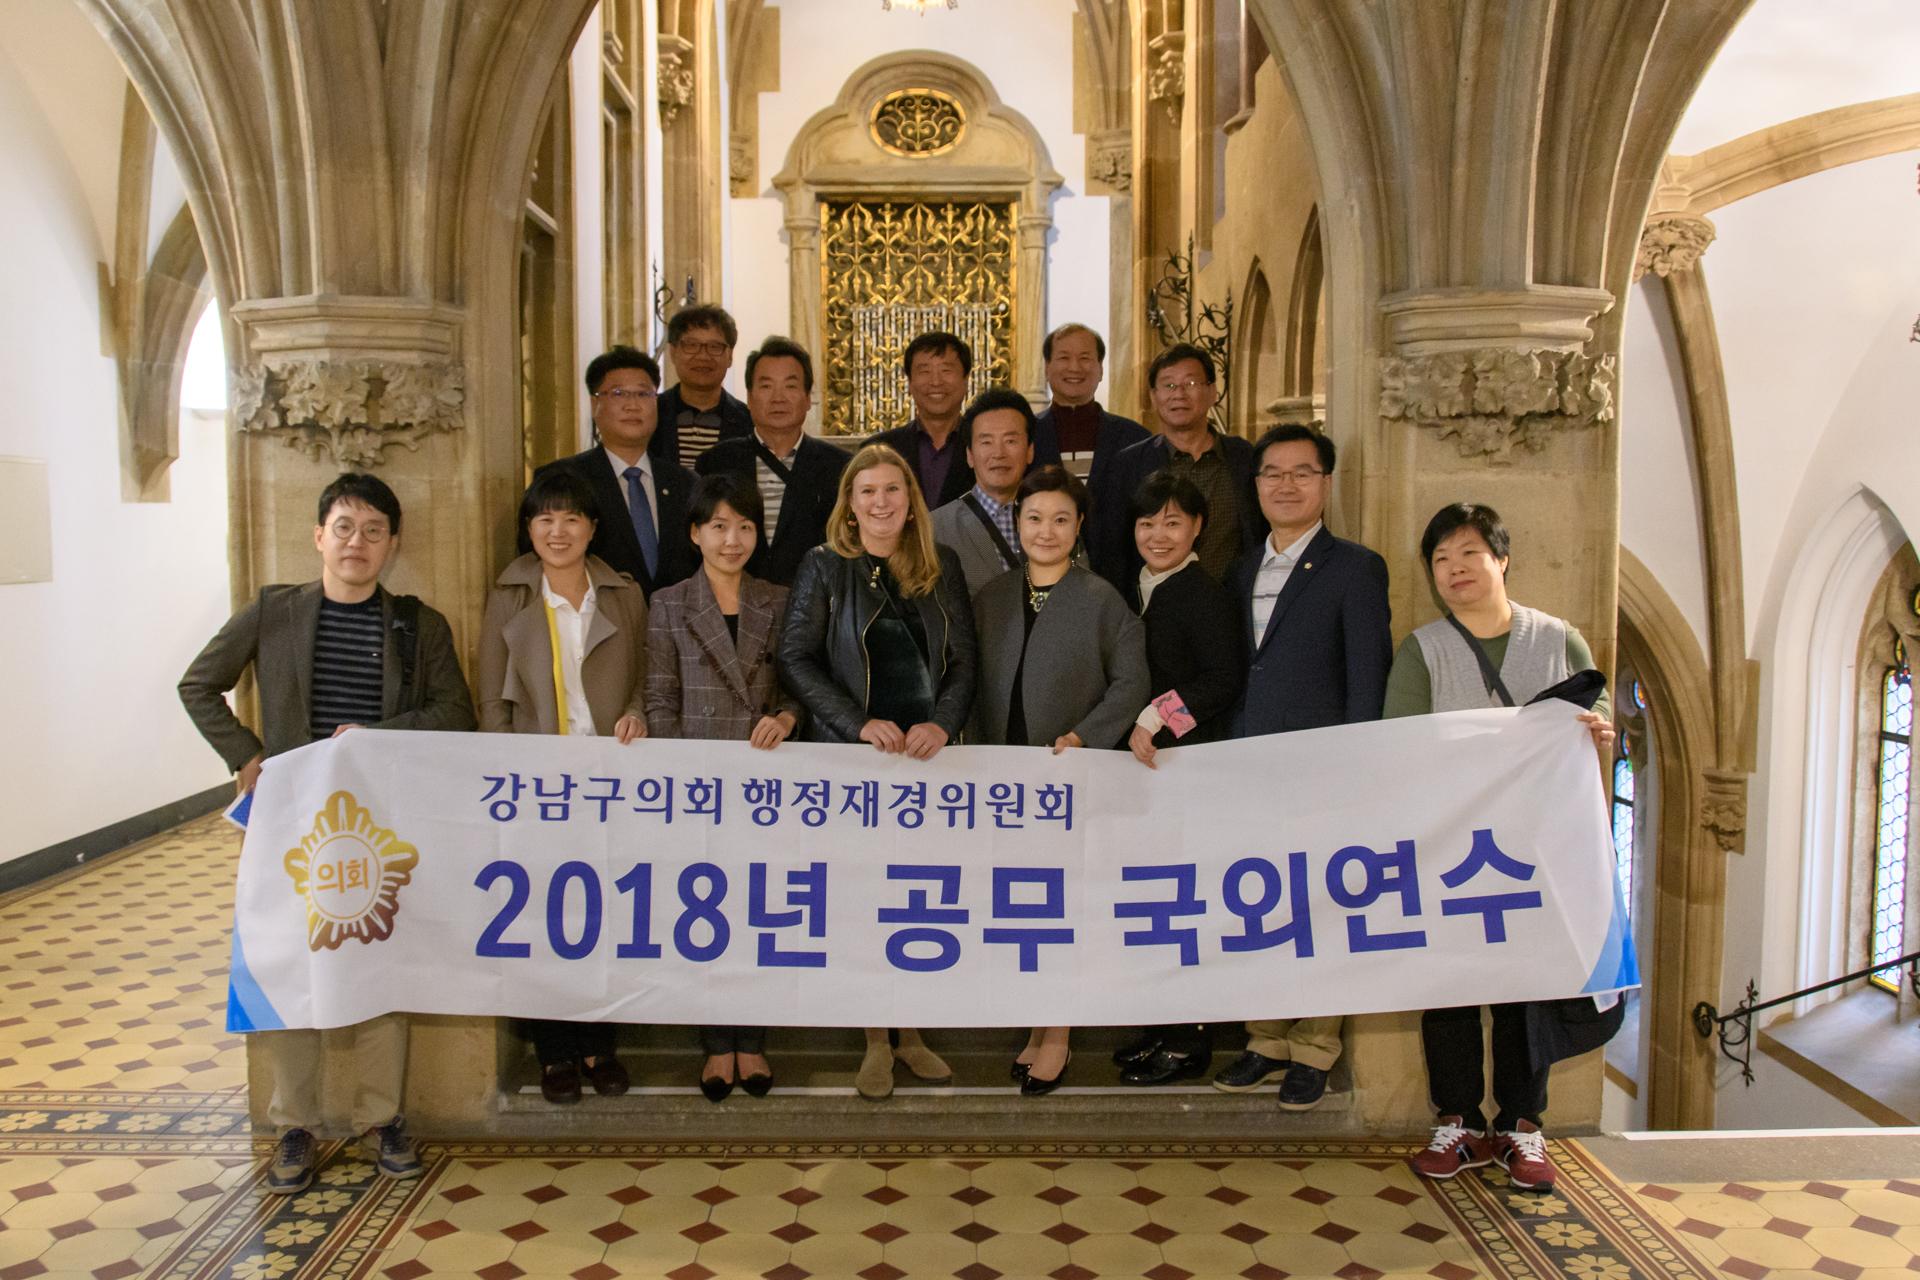 2018 행정재경위원회 공무국외연수 GNC_2603.jpg